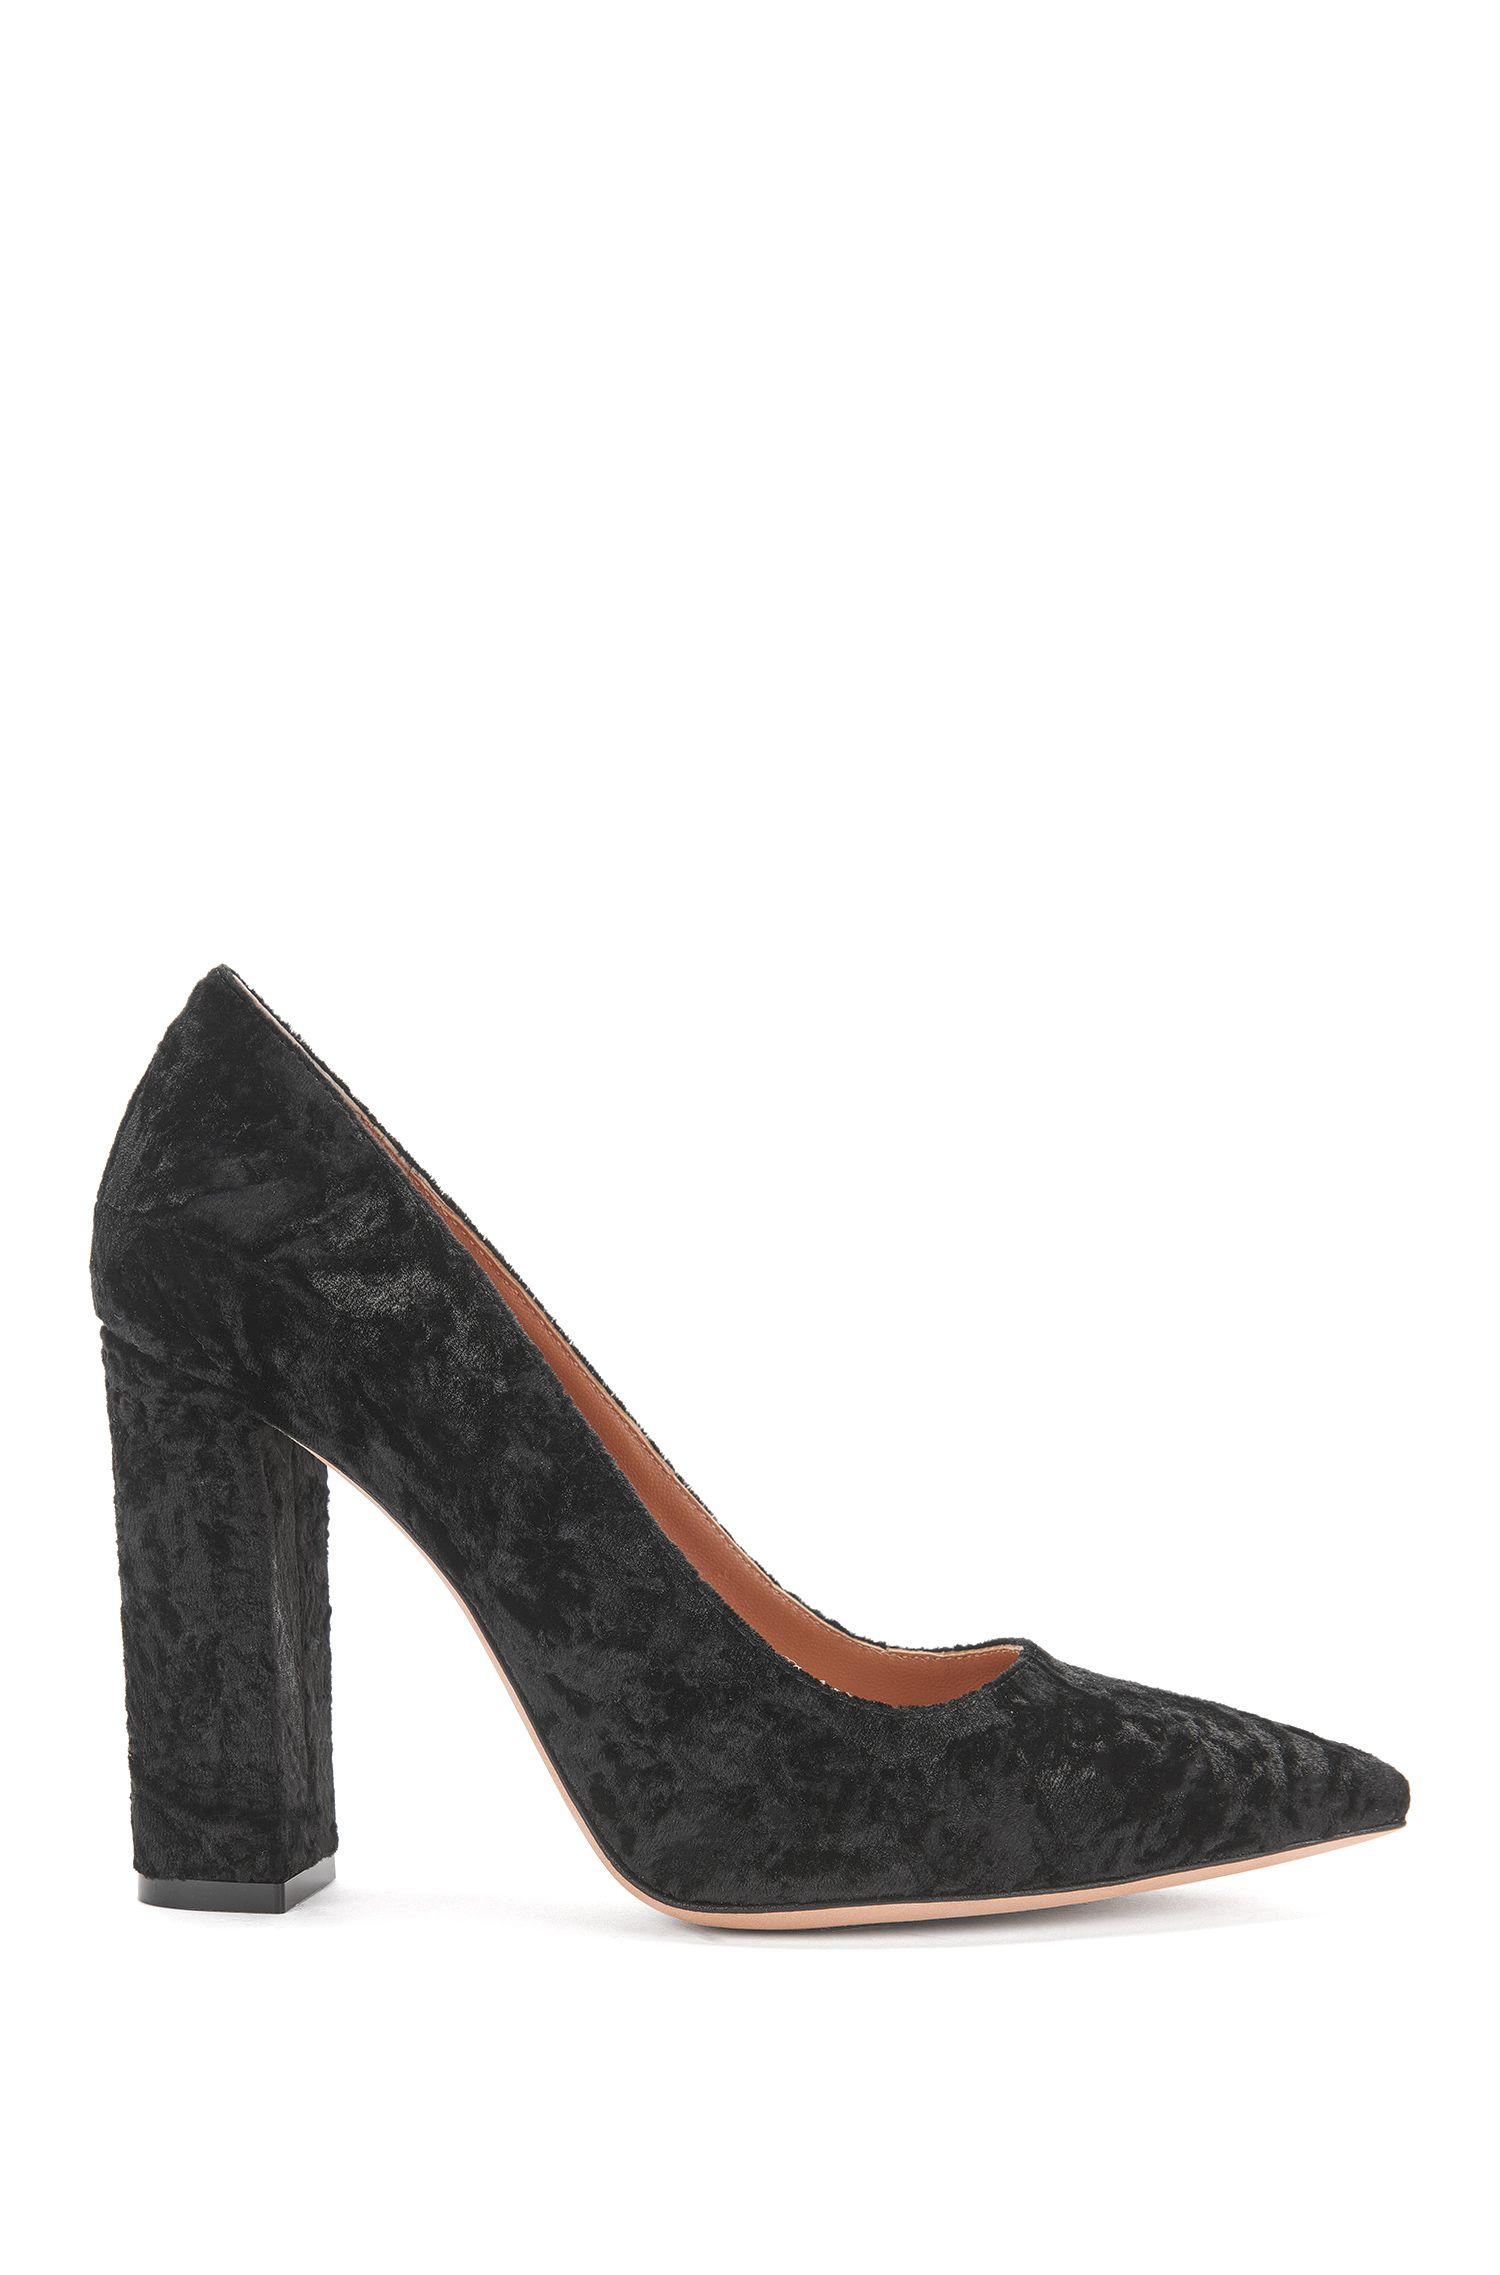 Crushed velvet pumps with block heel